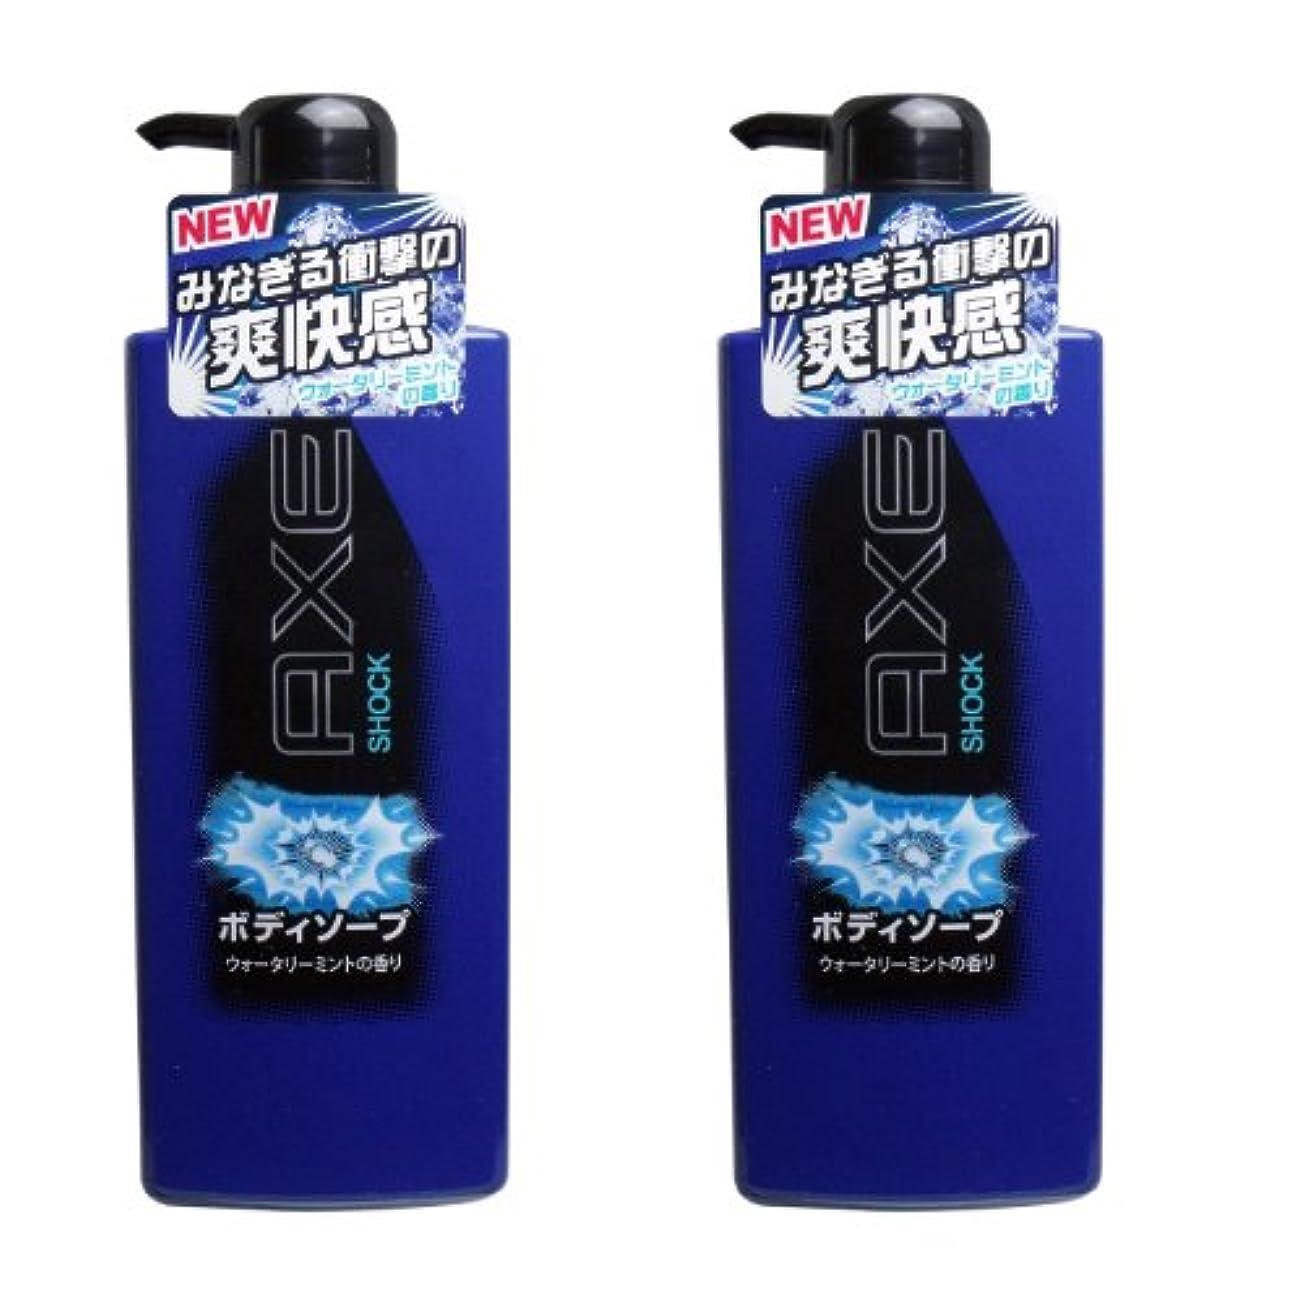 南極散歩赤面AXE(アックス) ボディソープの2点セット (ショック ウォータリーミントの香り)